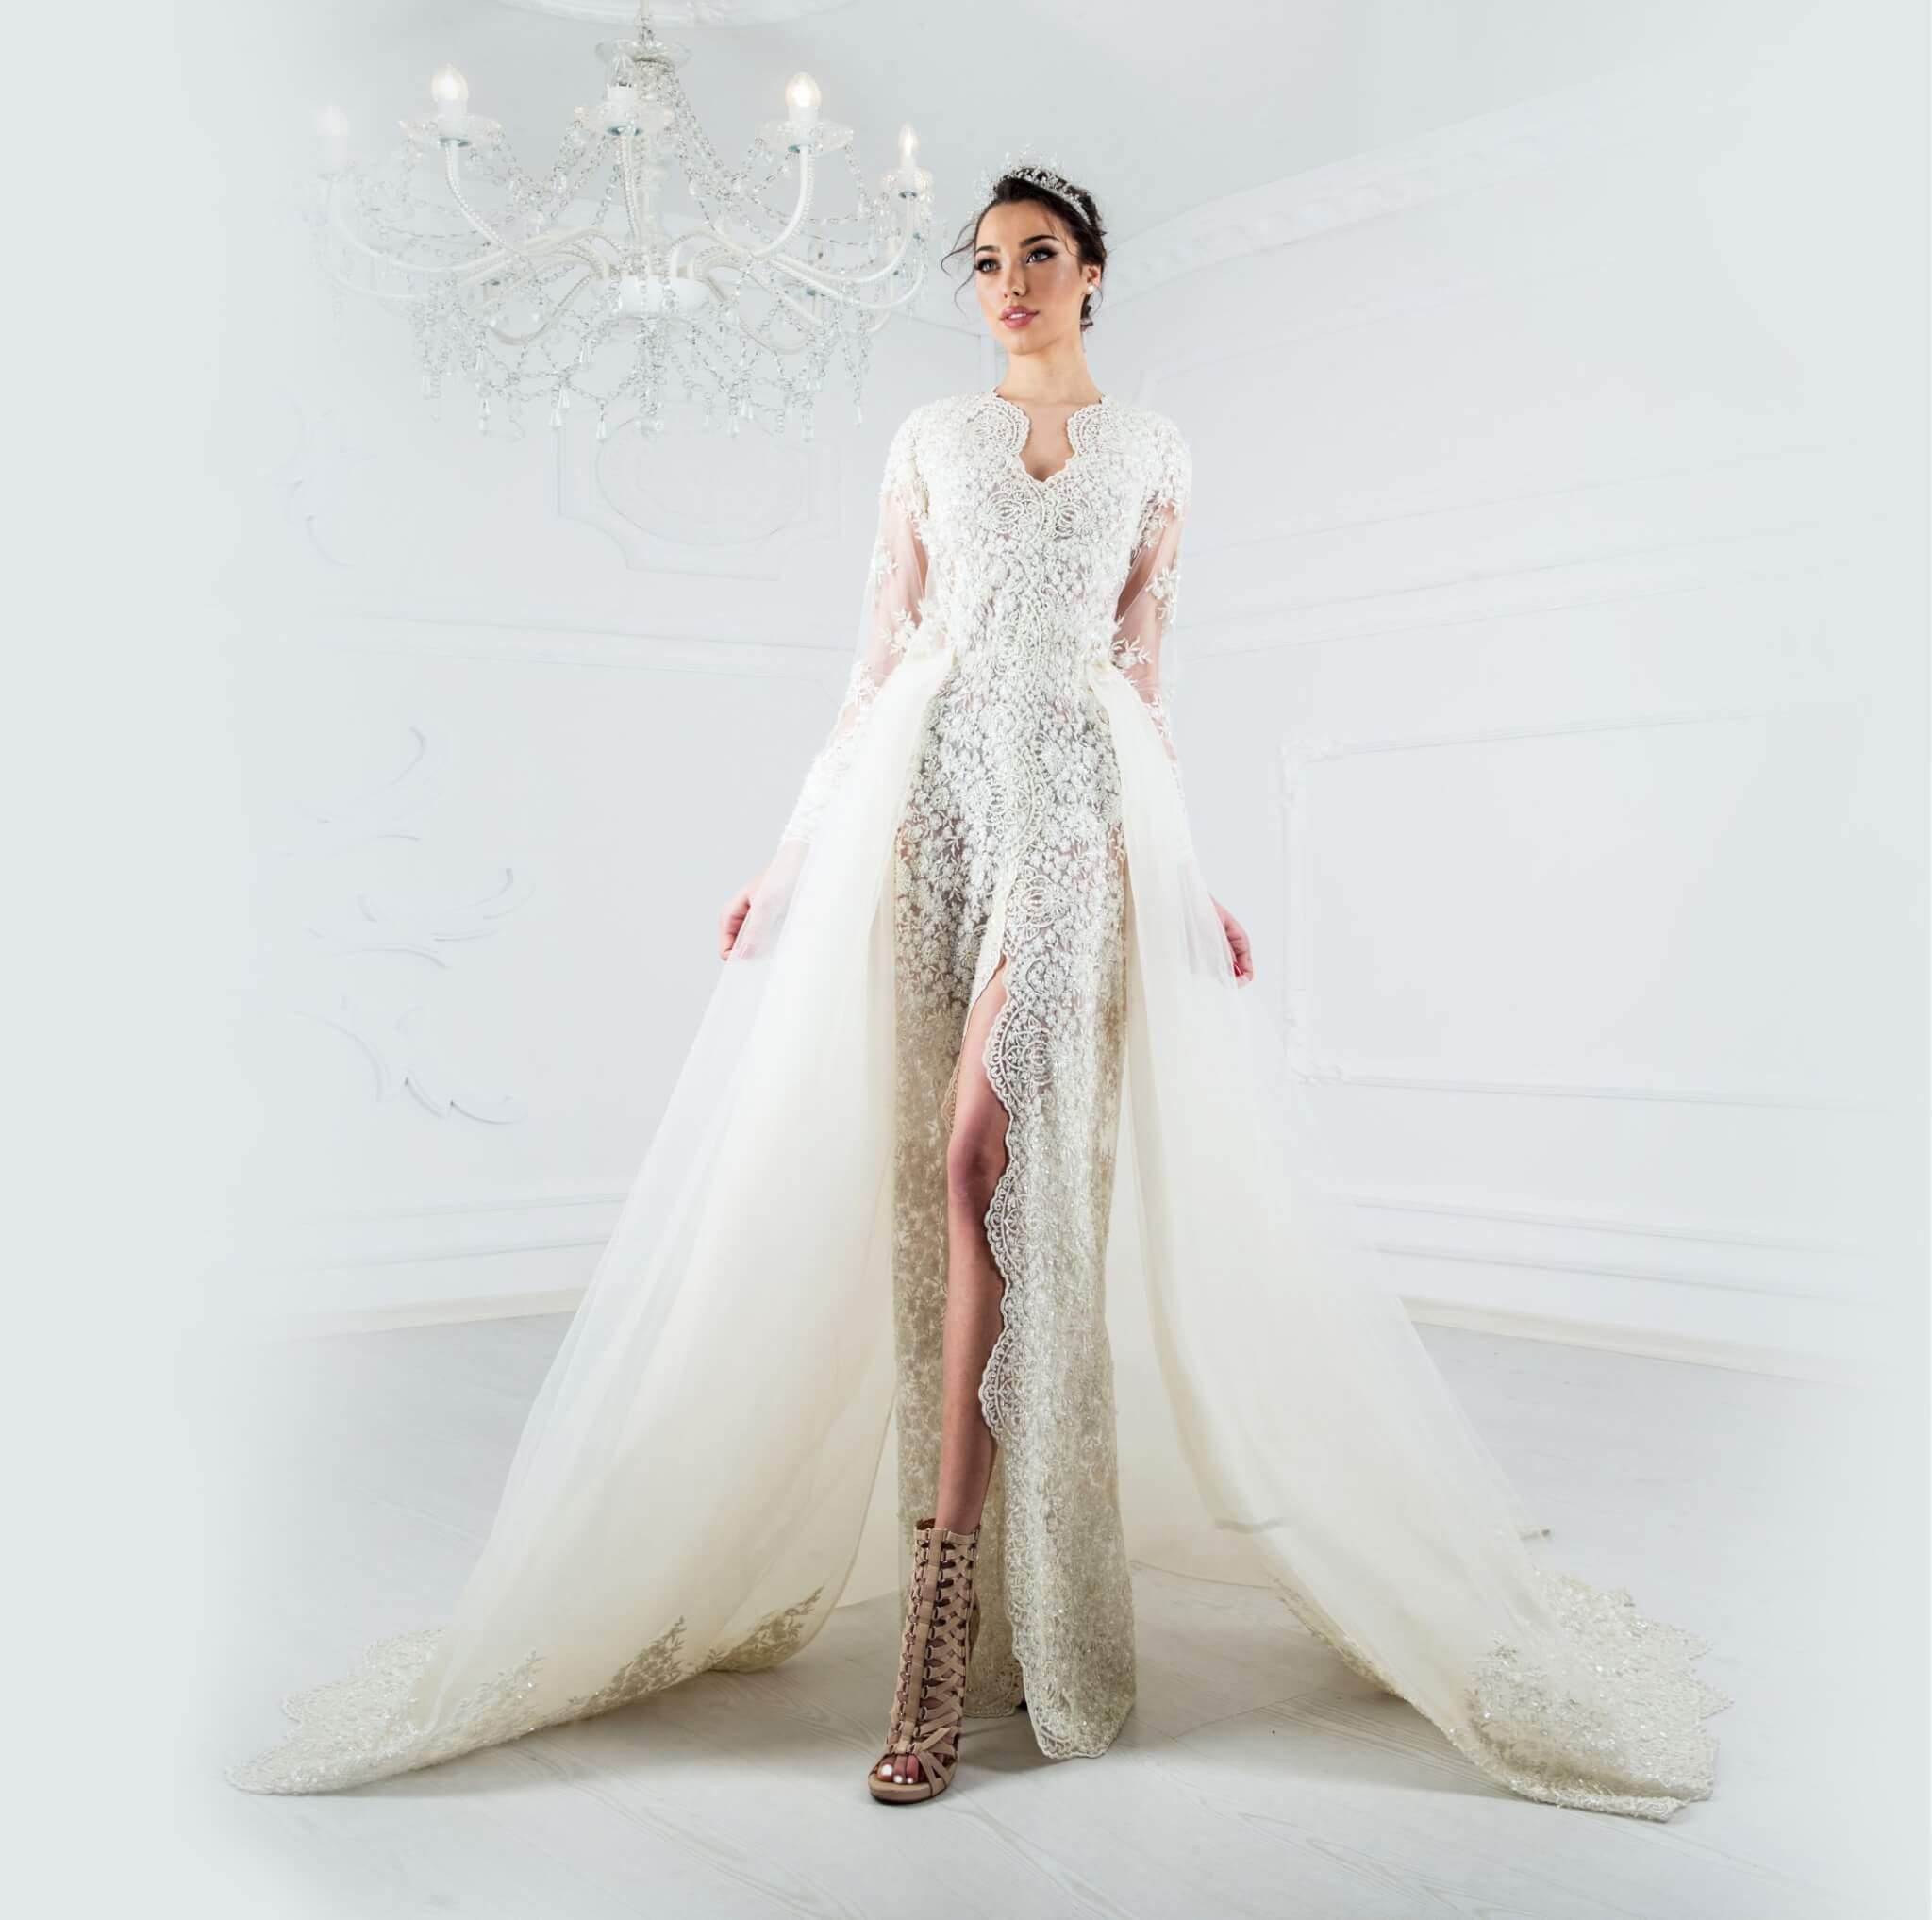 Дантелена рокля с вградена конструкция - 3200 лв.